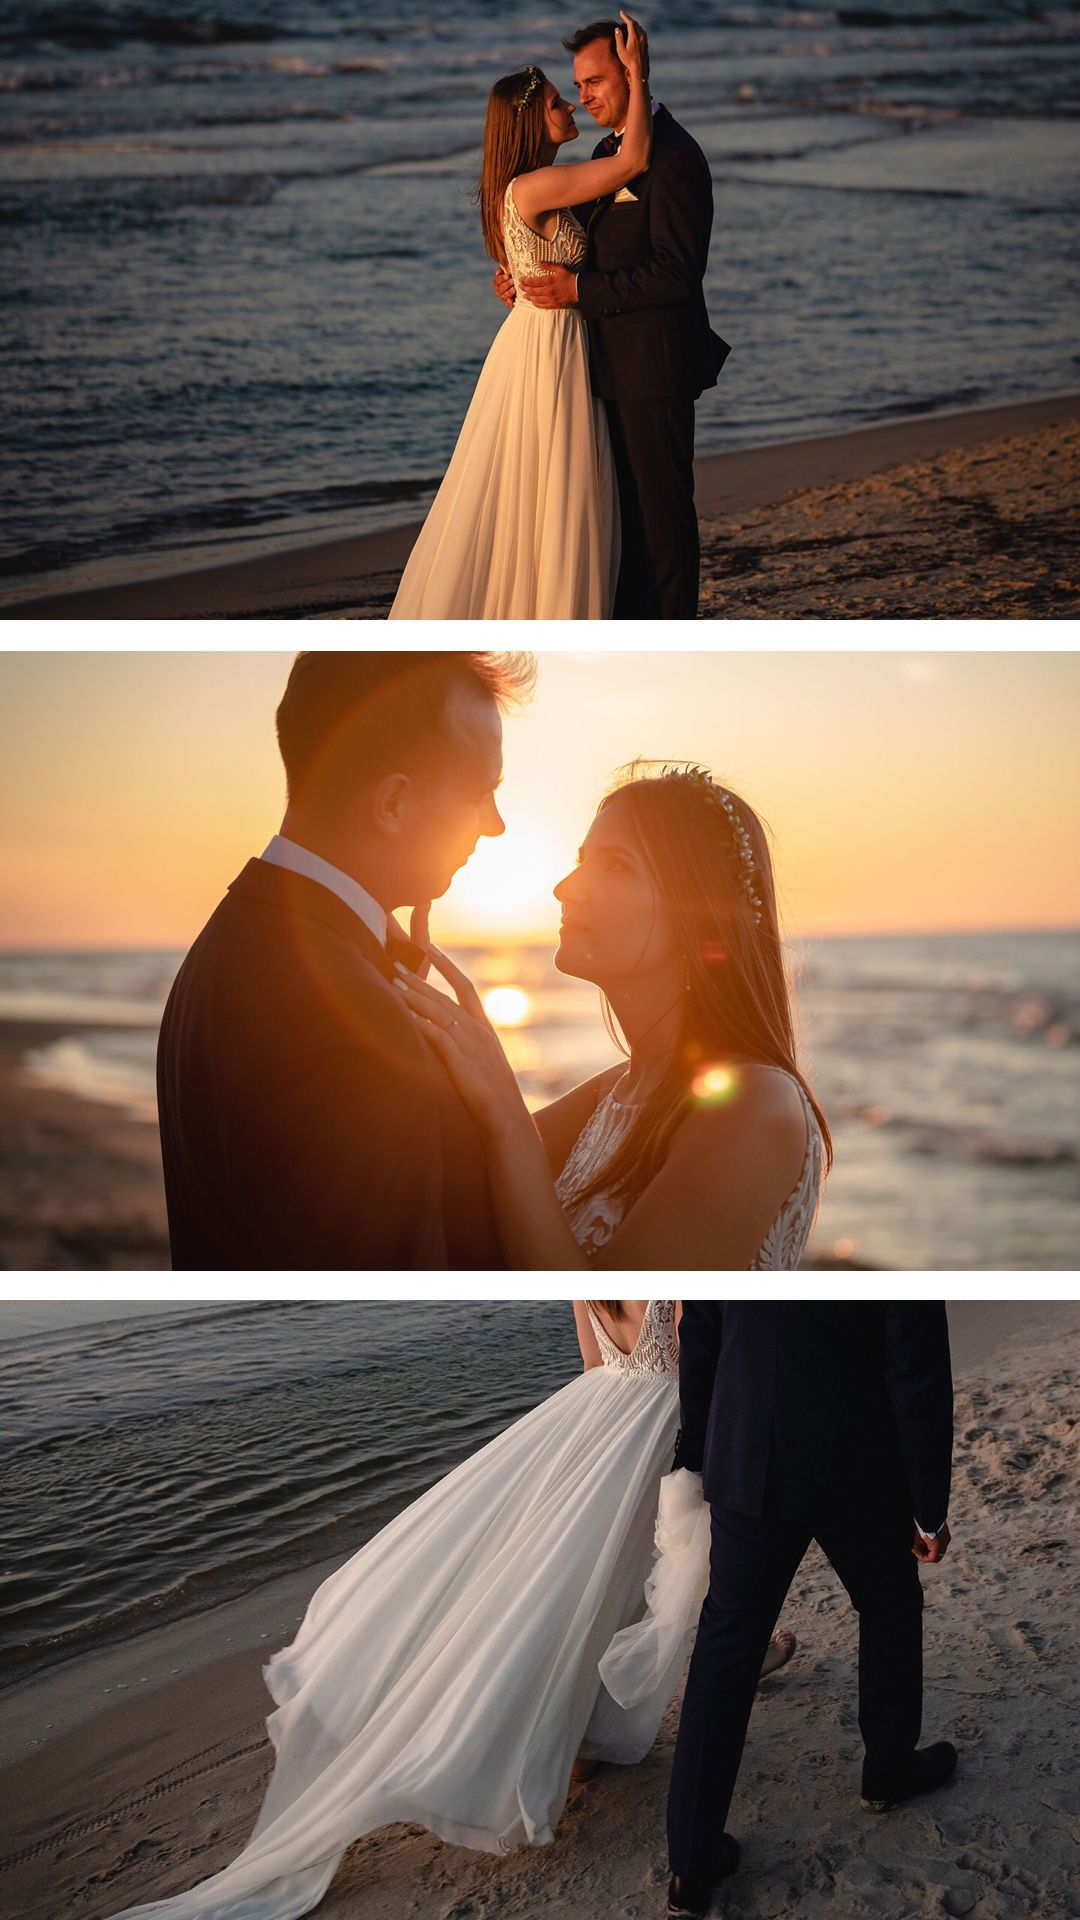 plener ślubny, plener ślubny nad morzem, sesja nad morzem, sesja na plaży, sesja Dębki, sesja Gdańsk, sesja Gdynia, sesja ślubna Gdańsk, sesja ślubna nad morzem, plener ślubny nad bałtykiem, sesja zdjęciowa, top10 fotograf